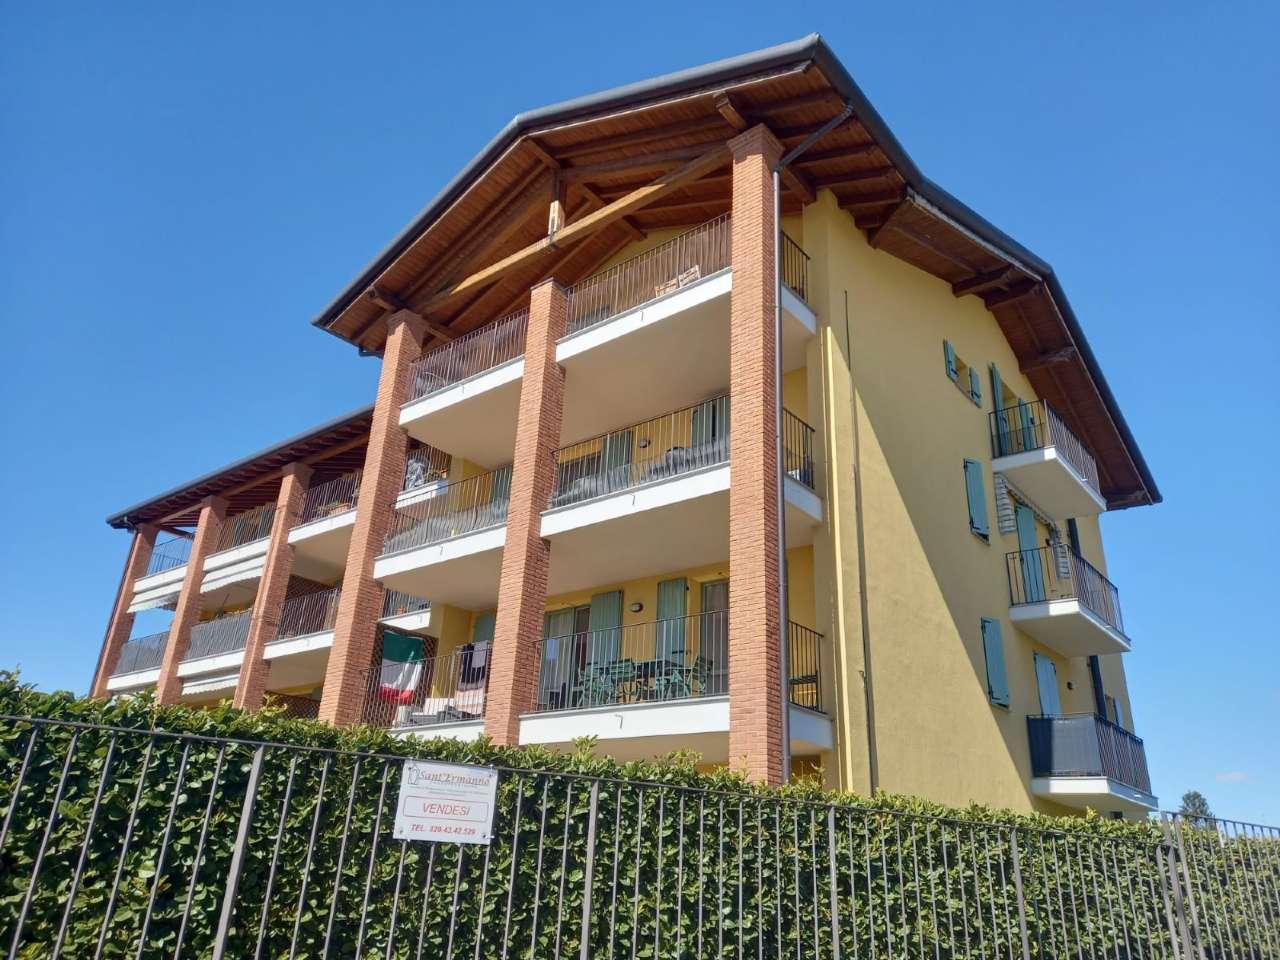 Appartamento in vendita a Venegono Superiore, 3 locali, prezzo € 234.000 | PortaleAgenzieImmobiliari.it